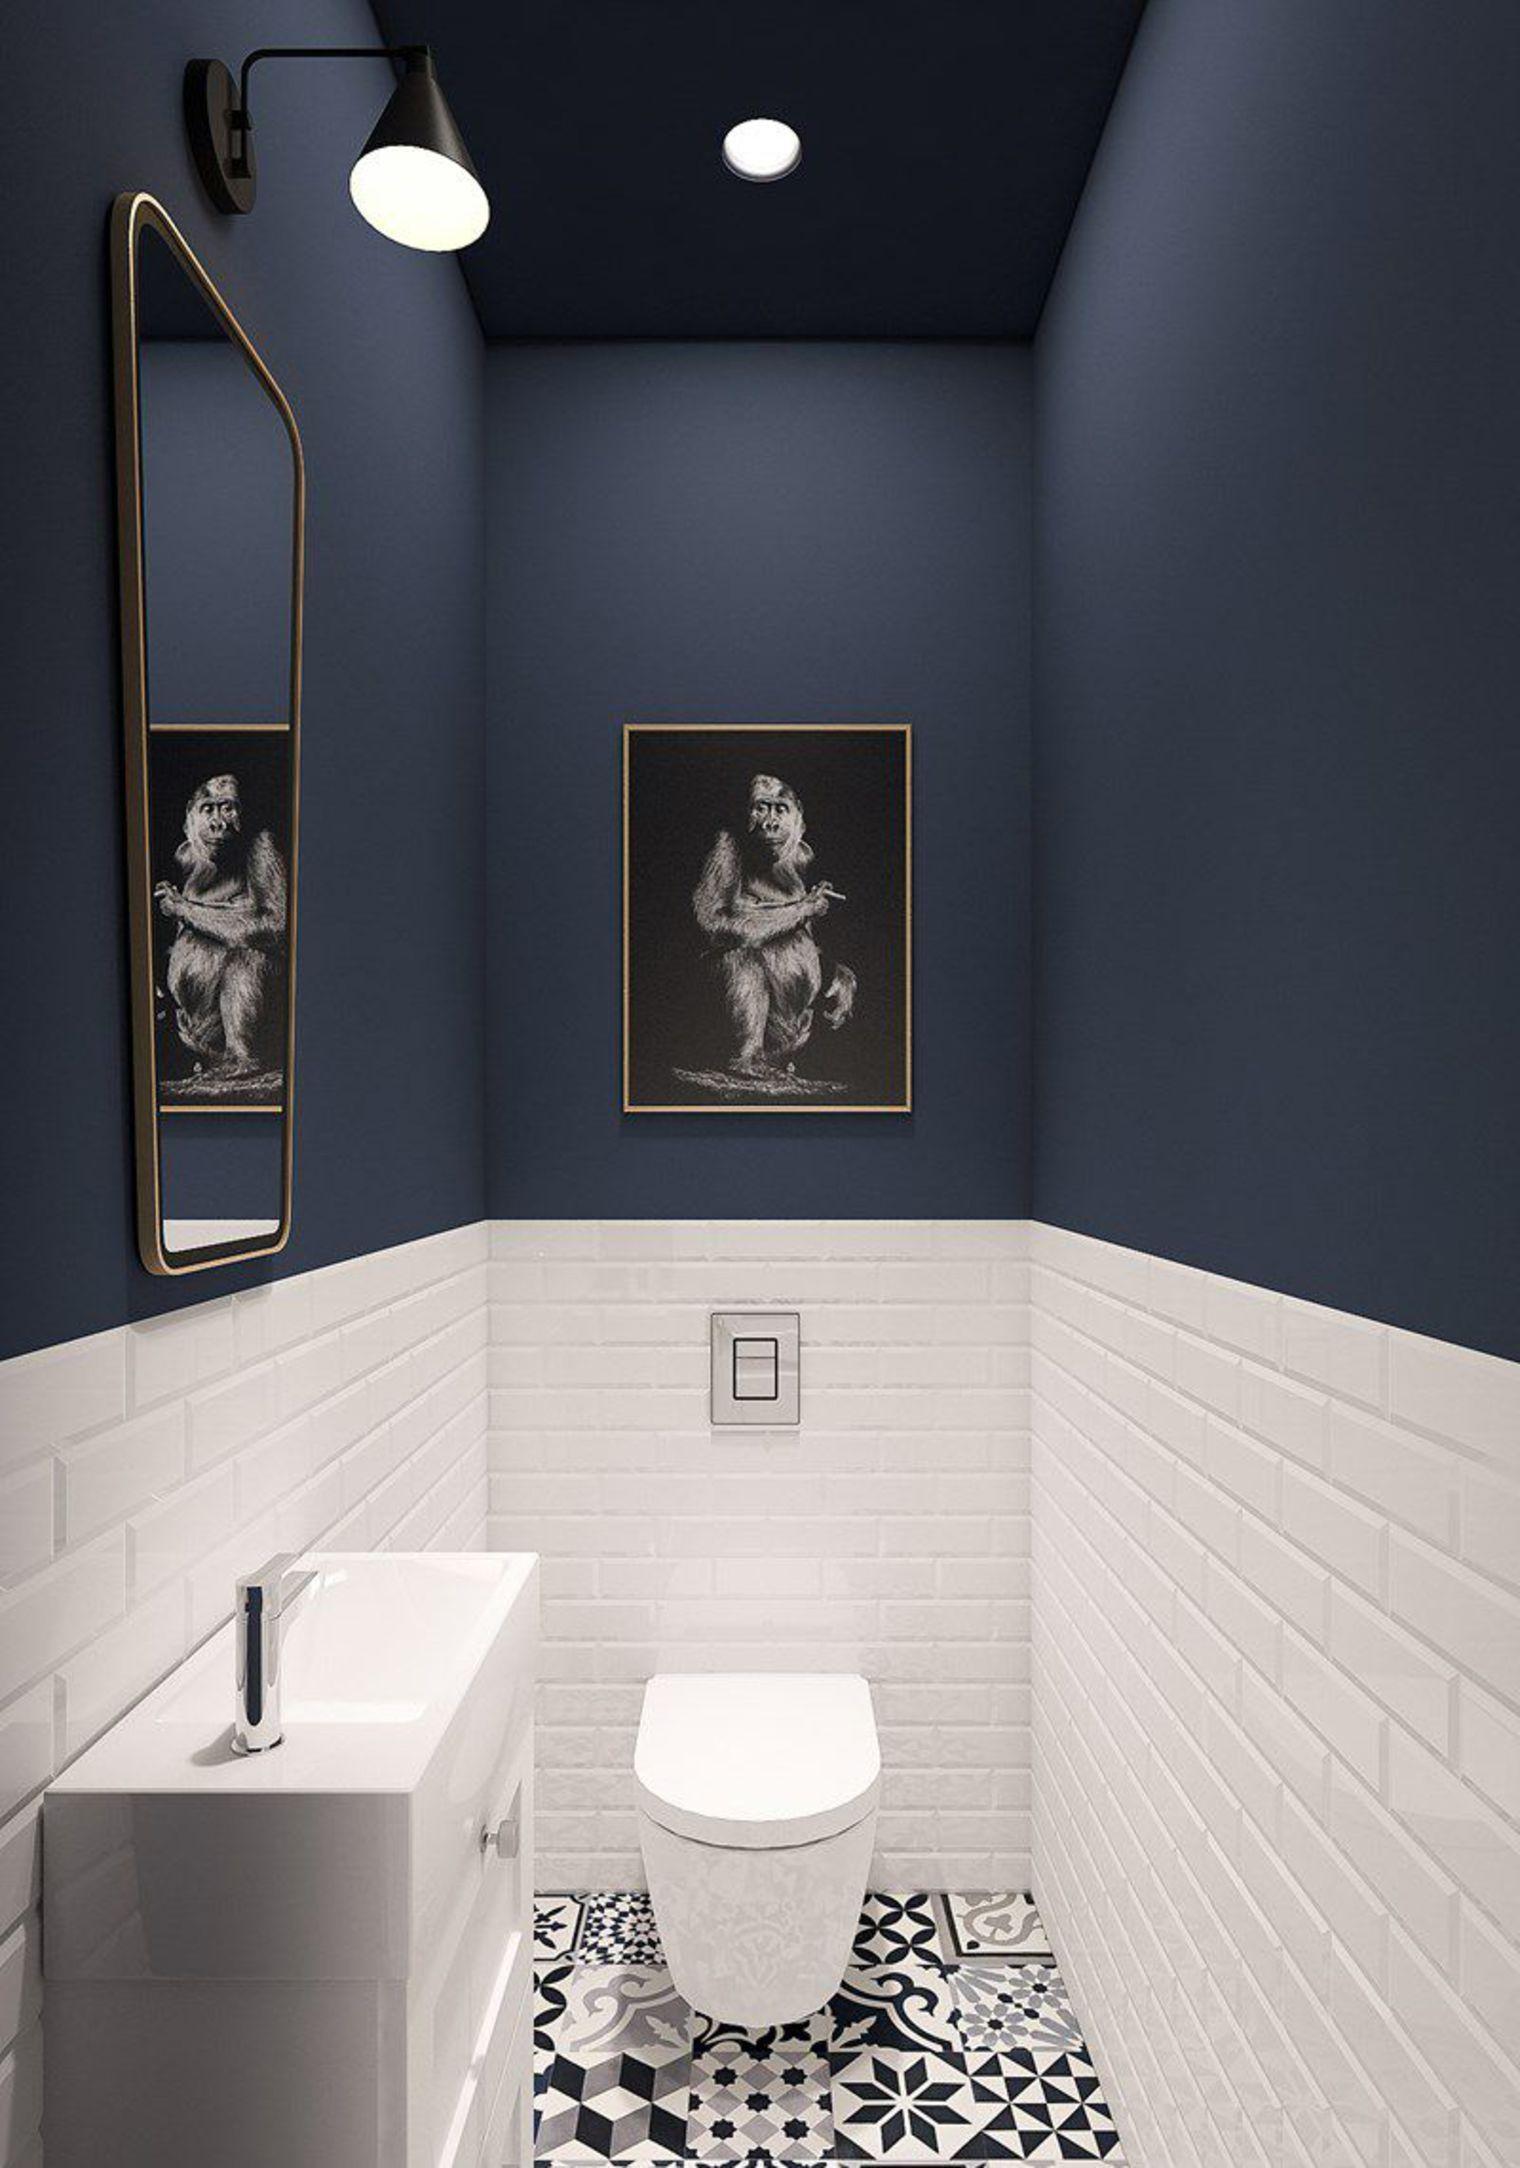 Peinture 10 Facons De Faire Du Plafond Le 5e Mur De La Maison Deco Toilettes Idee Deco Toilettes Idee Deco Wc